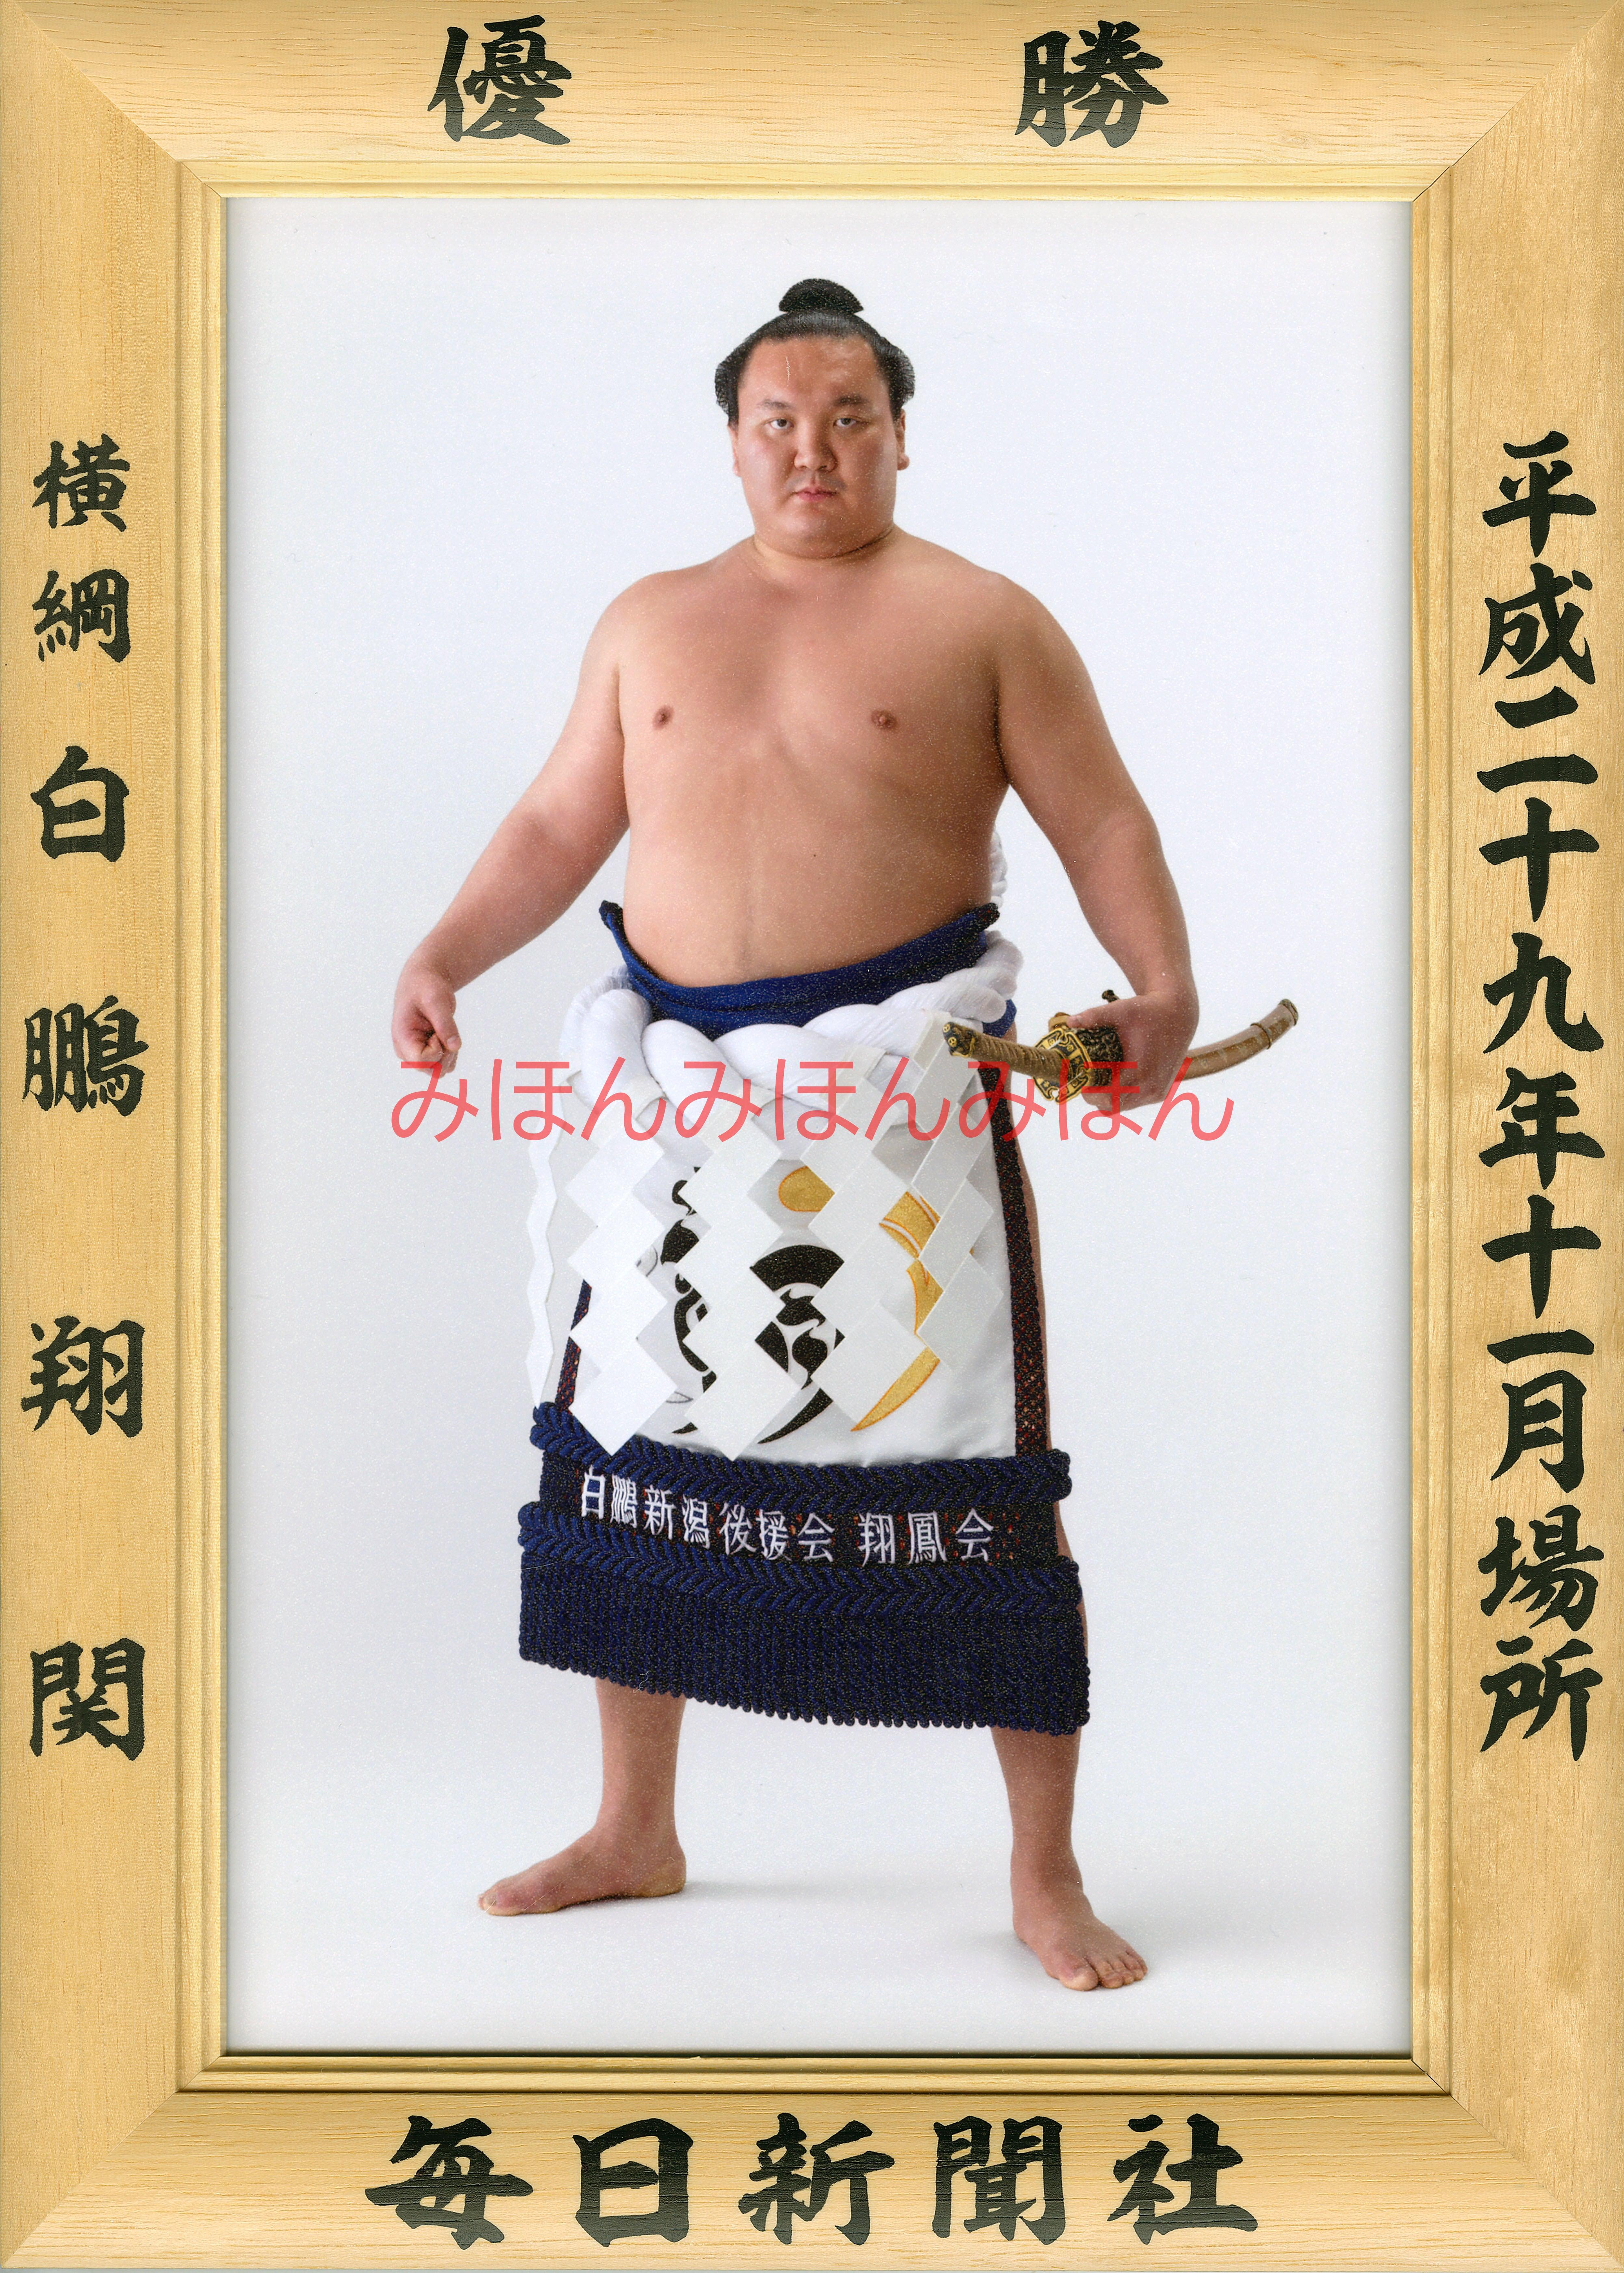 平成29(2017)年11月場所優勝 横綱 白鵬翔関(40回目の優勝)